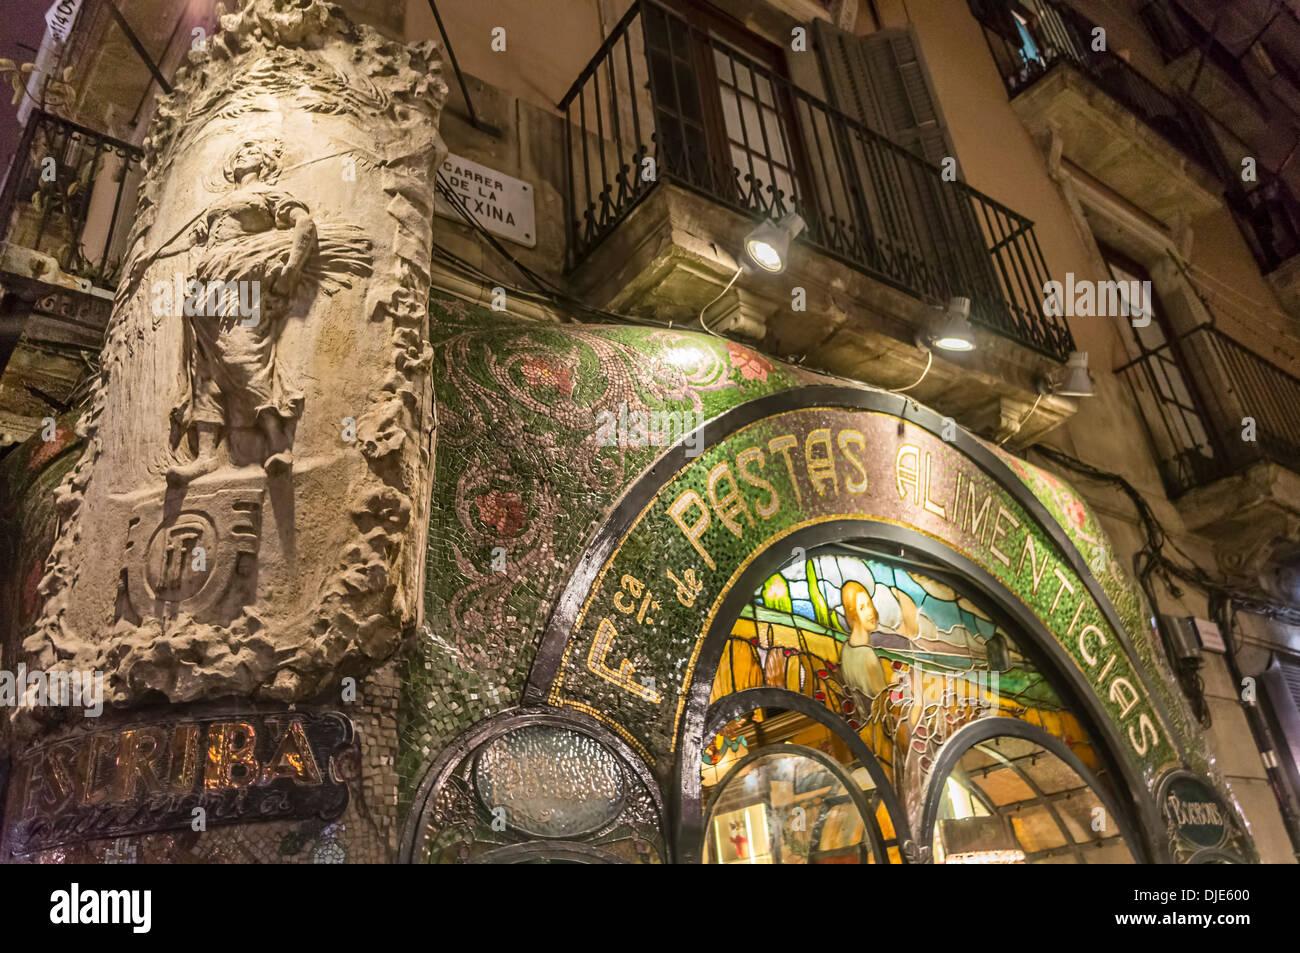 Pasteleria escriba pastry shop art deco ramblas - Art deco barcelona ...